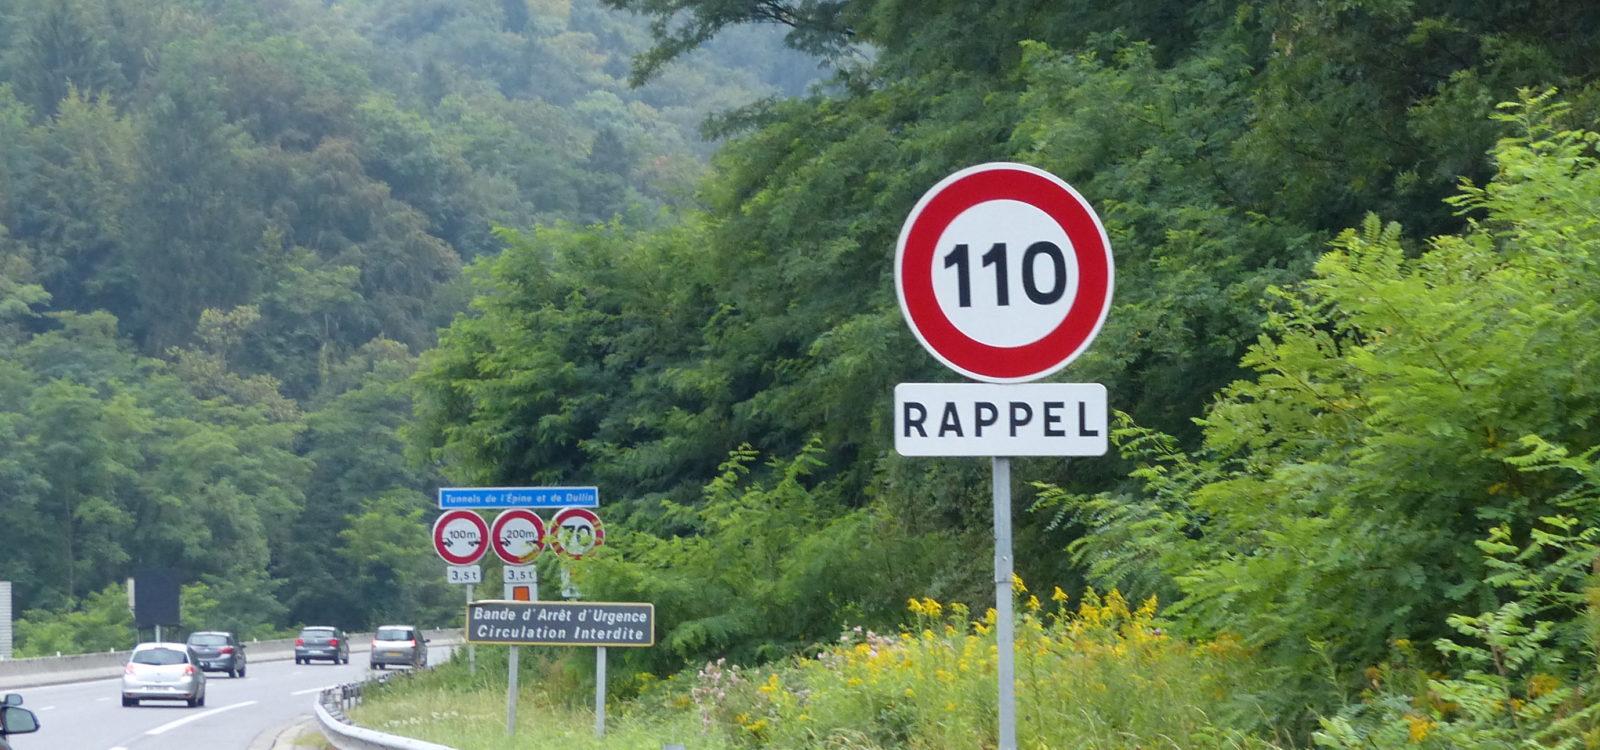 Pourquoi La Convention Citoyenne Veut-elle Réduire La Vitesse à 110 Km/h Sur L'autoroute ?